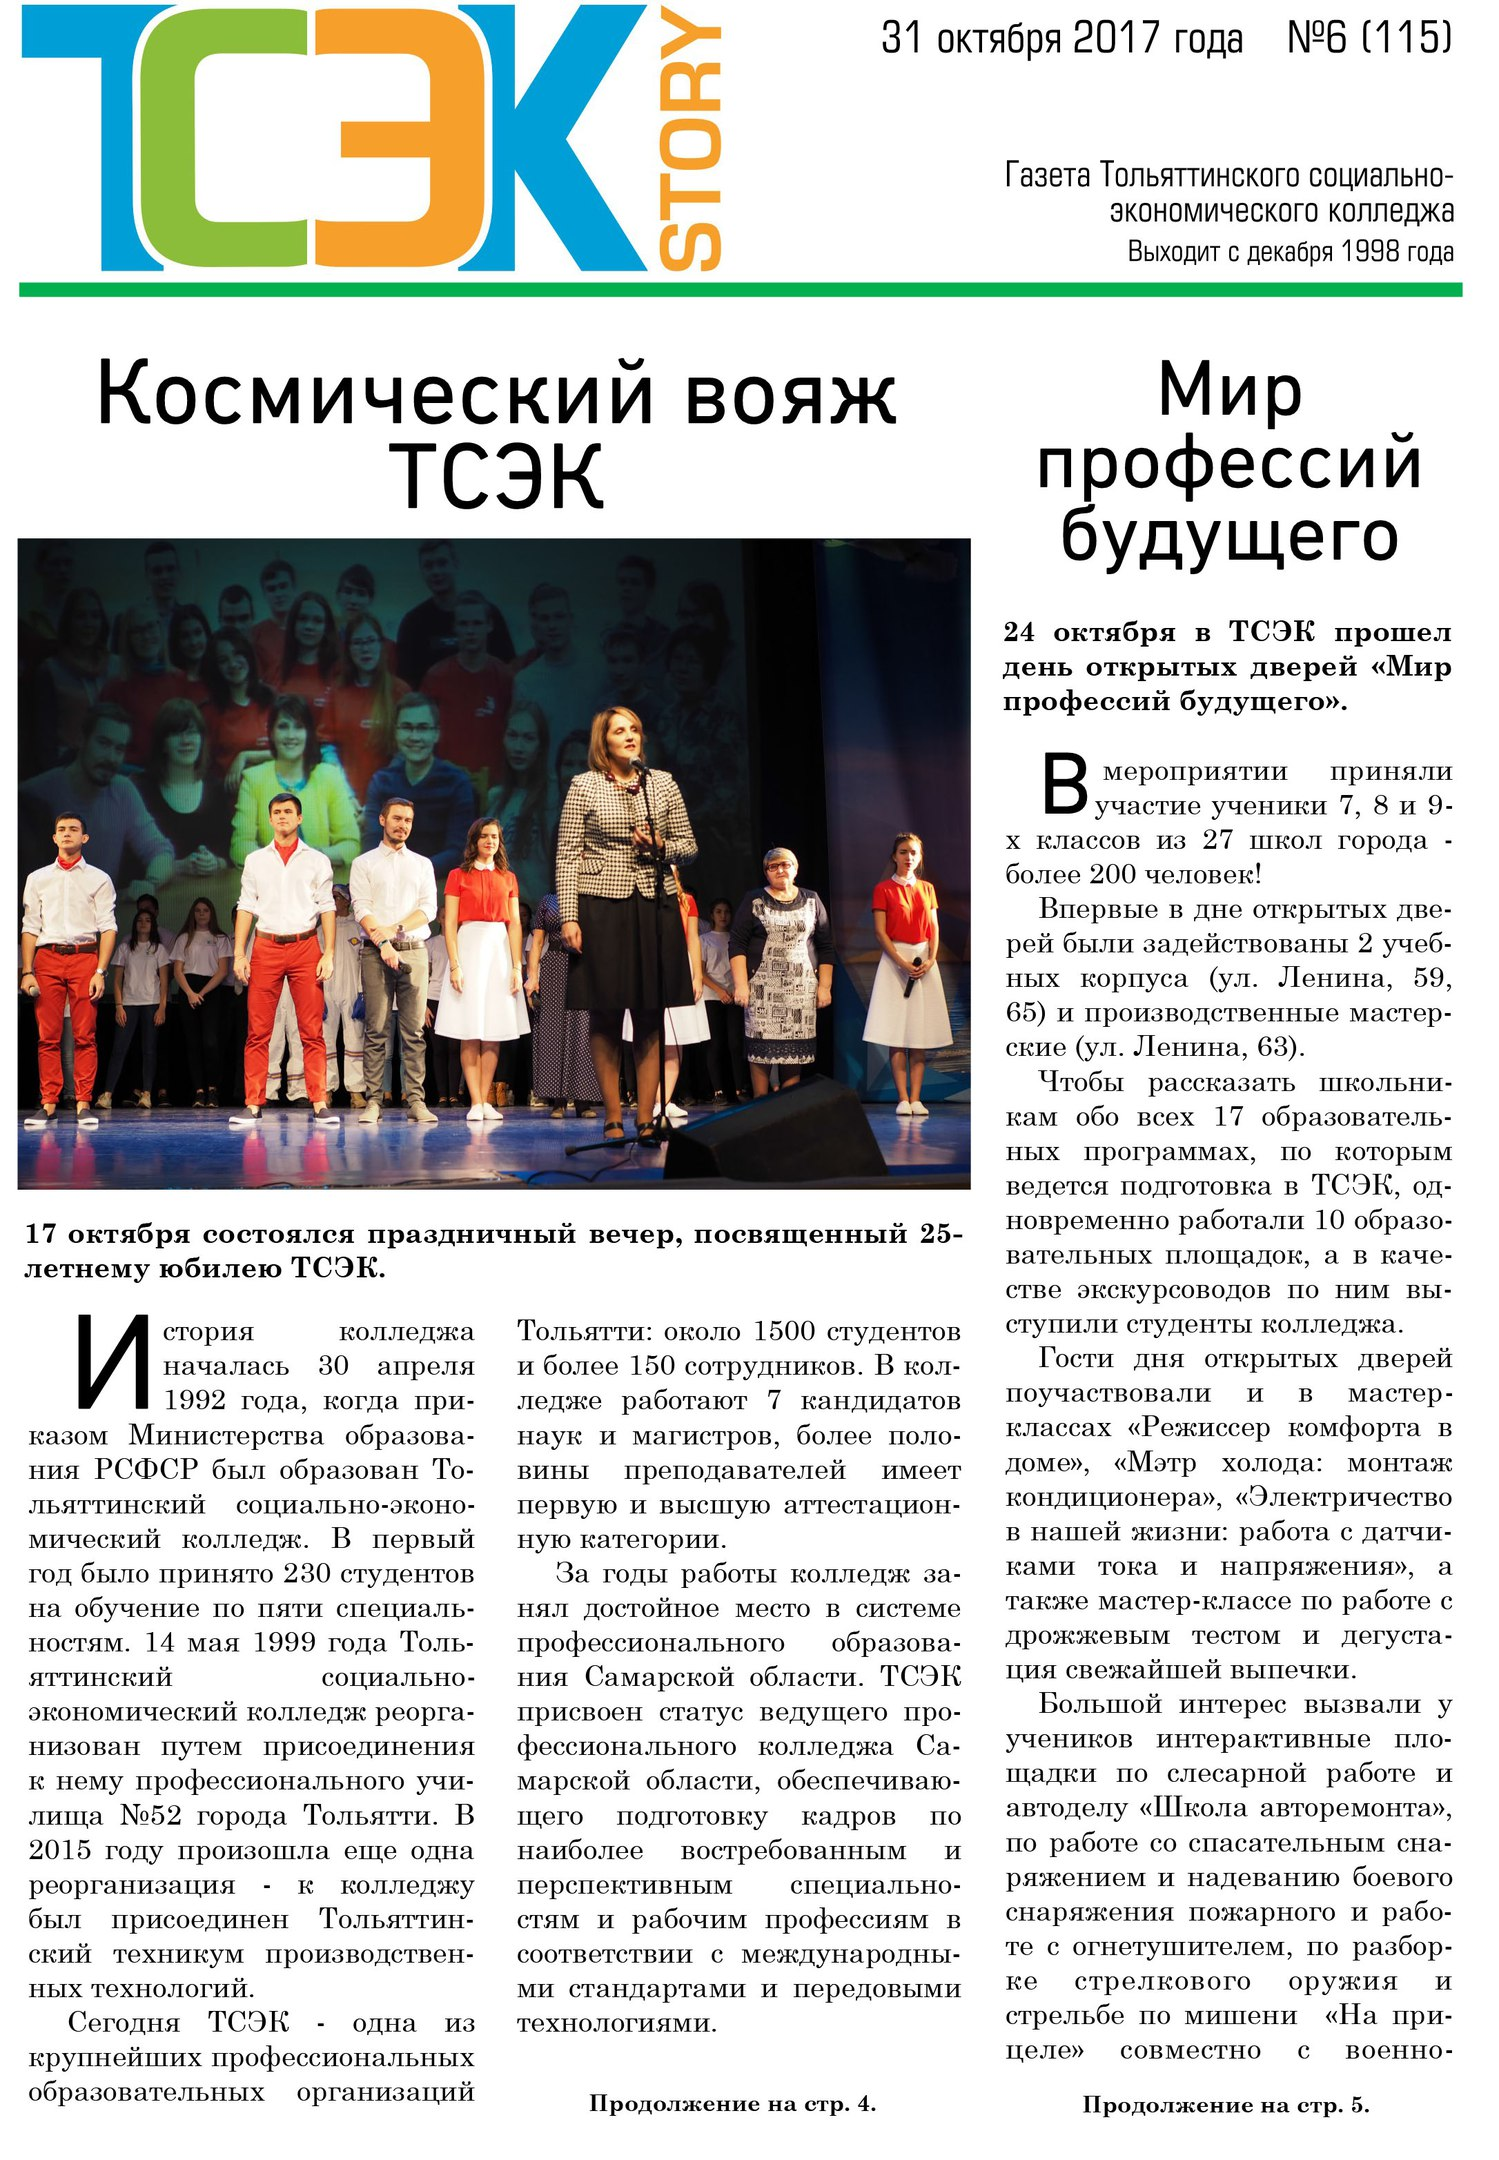 ТСЭКstory №6 (115) от 31.10.2017